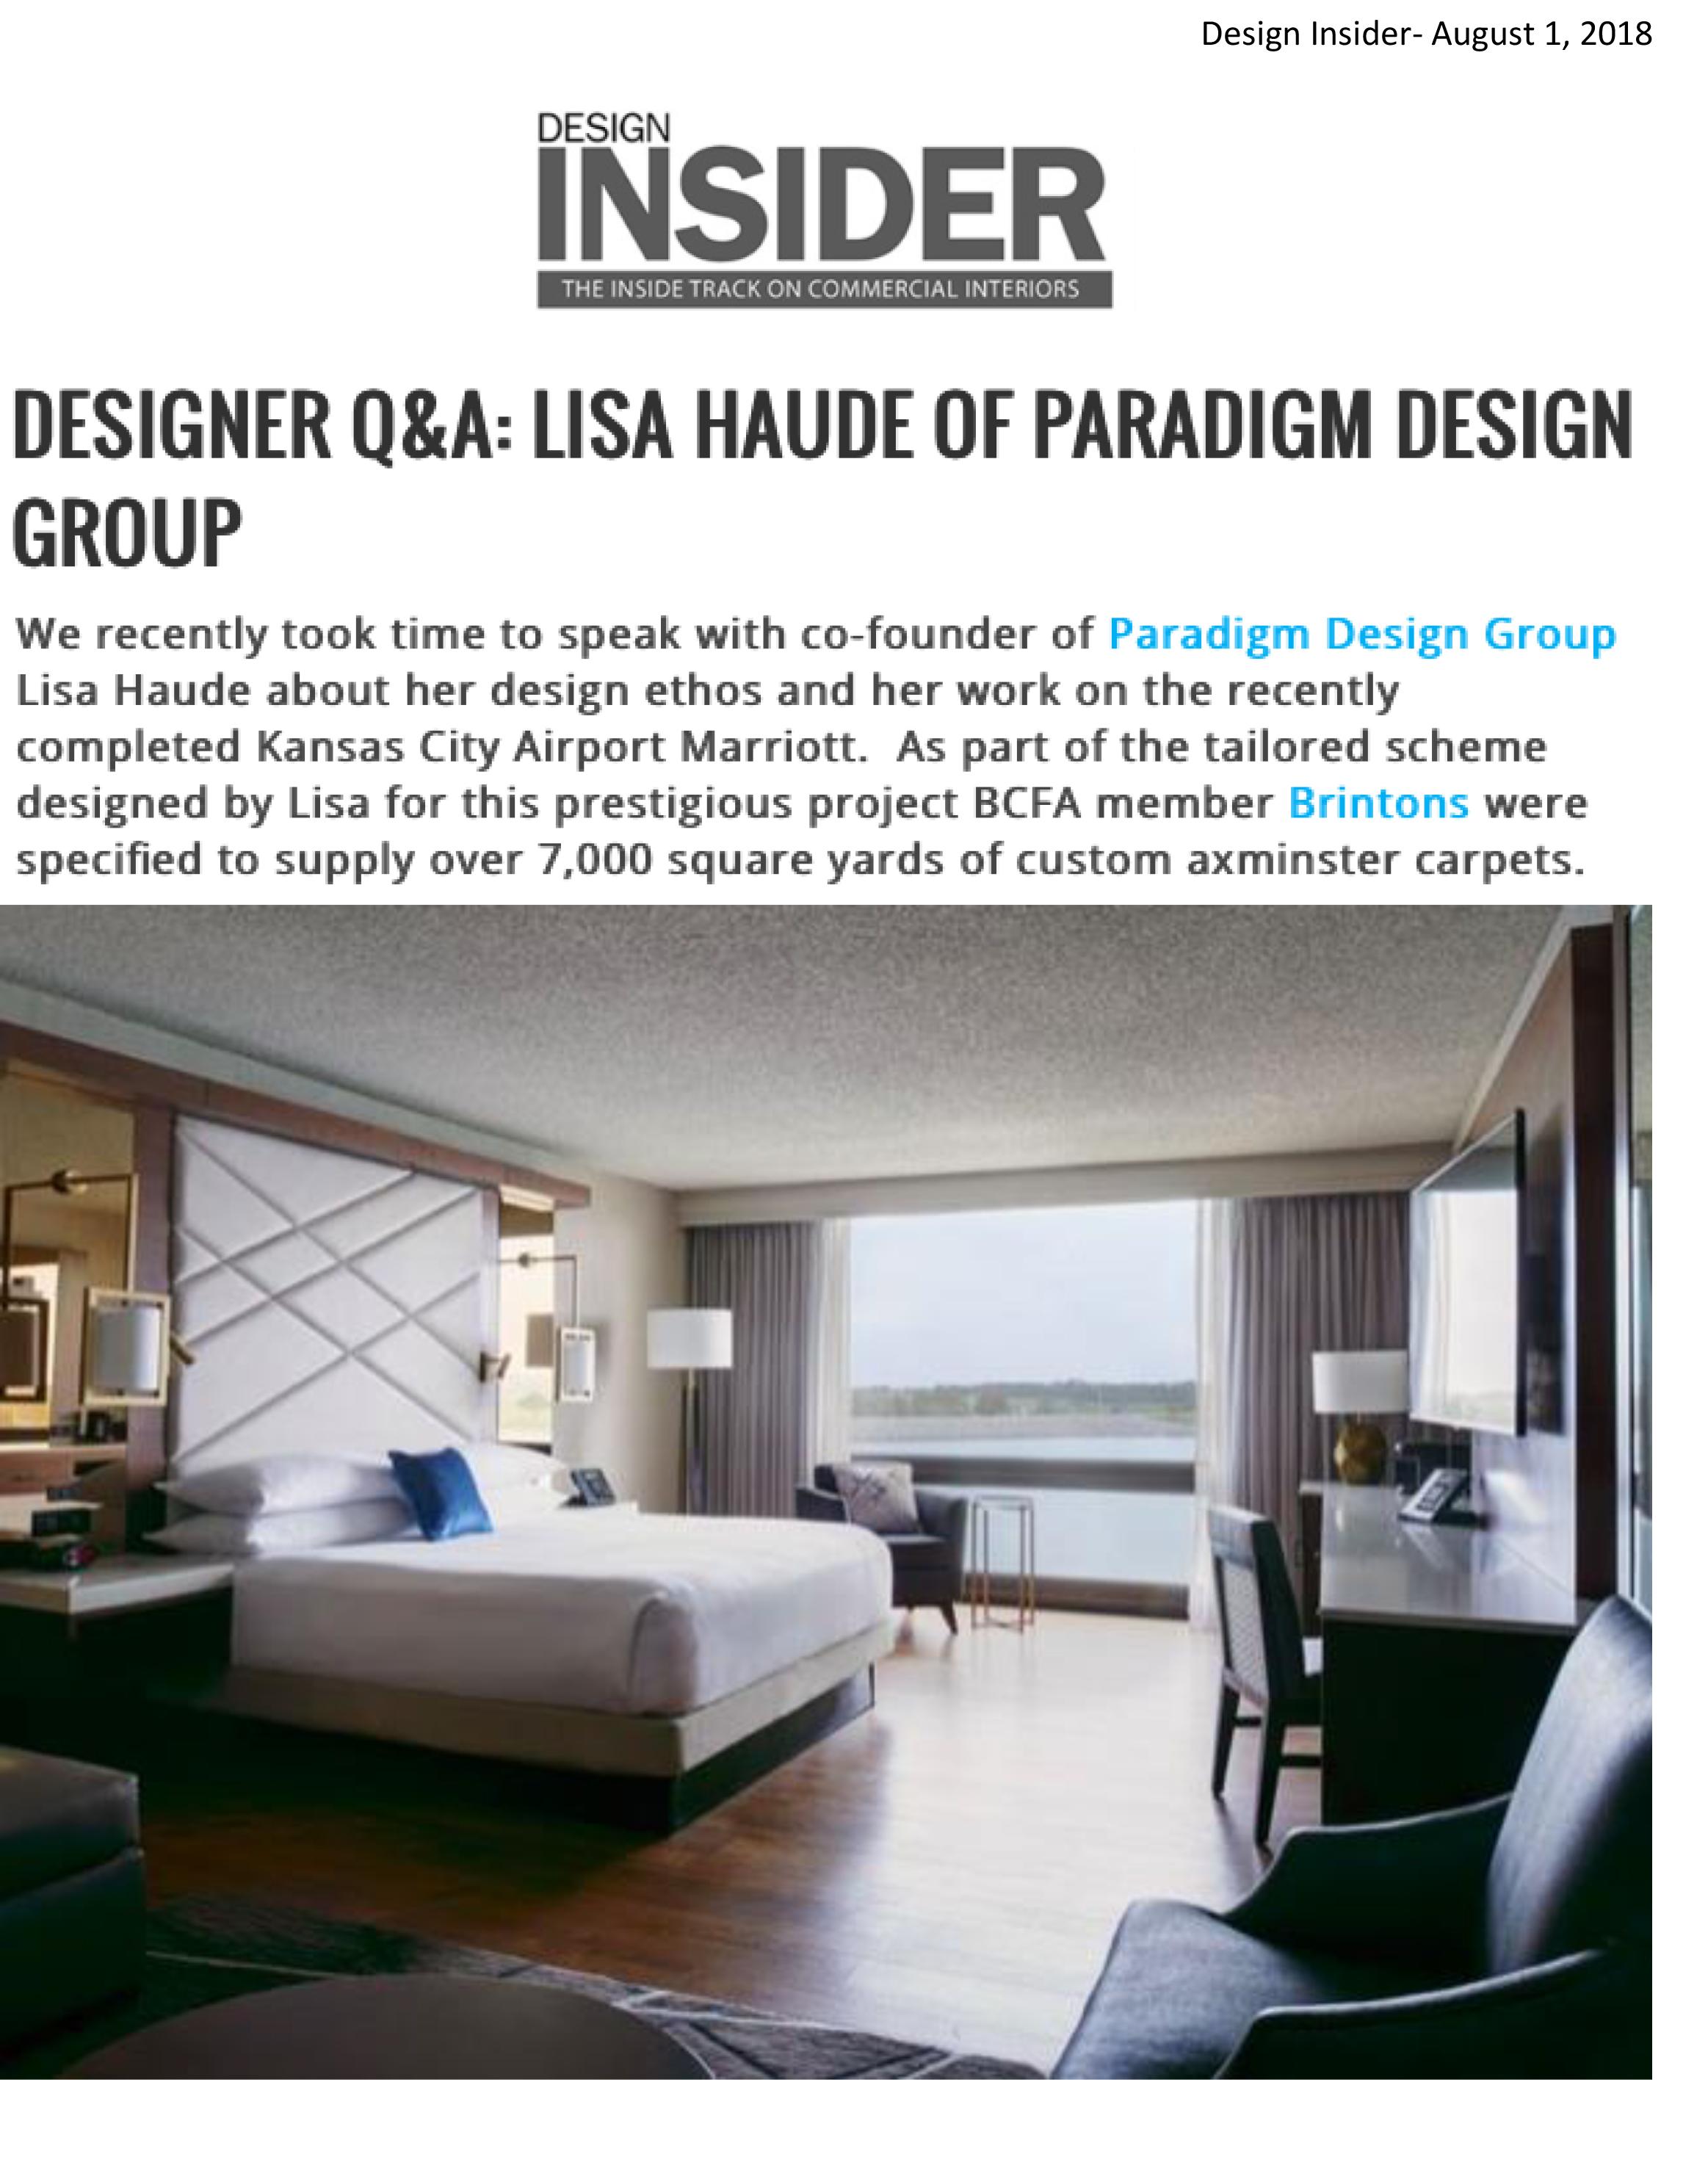 Design Insider-8.1.18-1.jpg